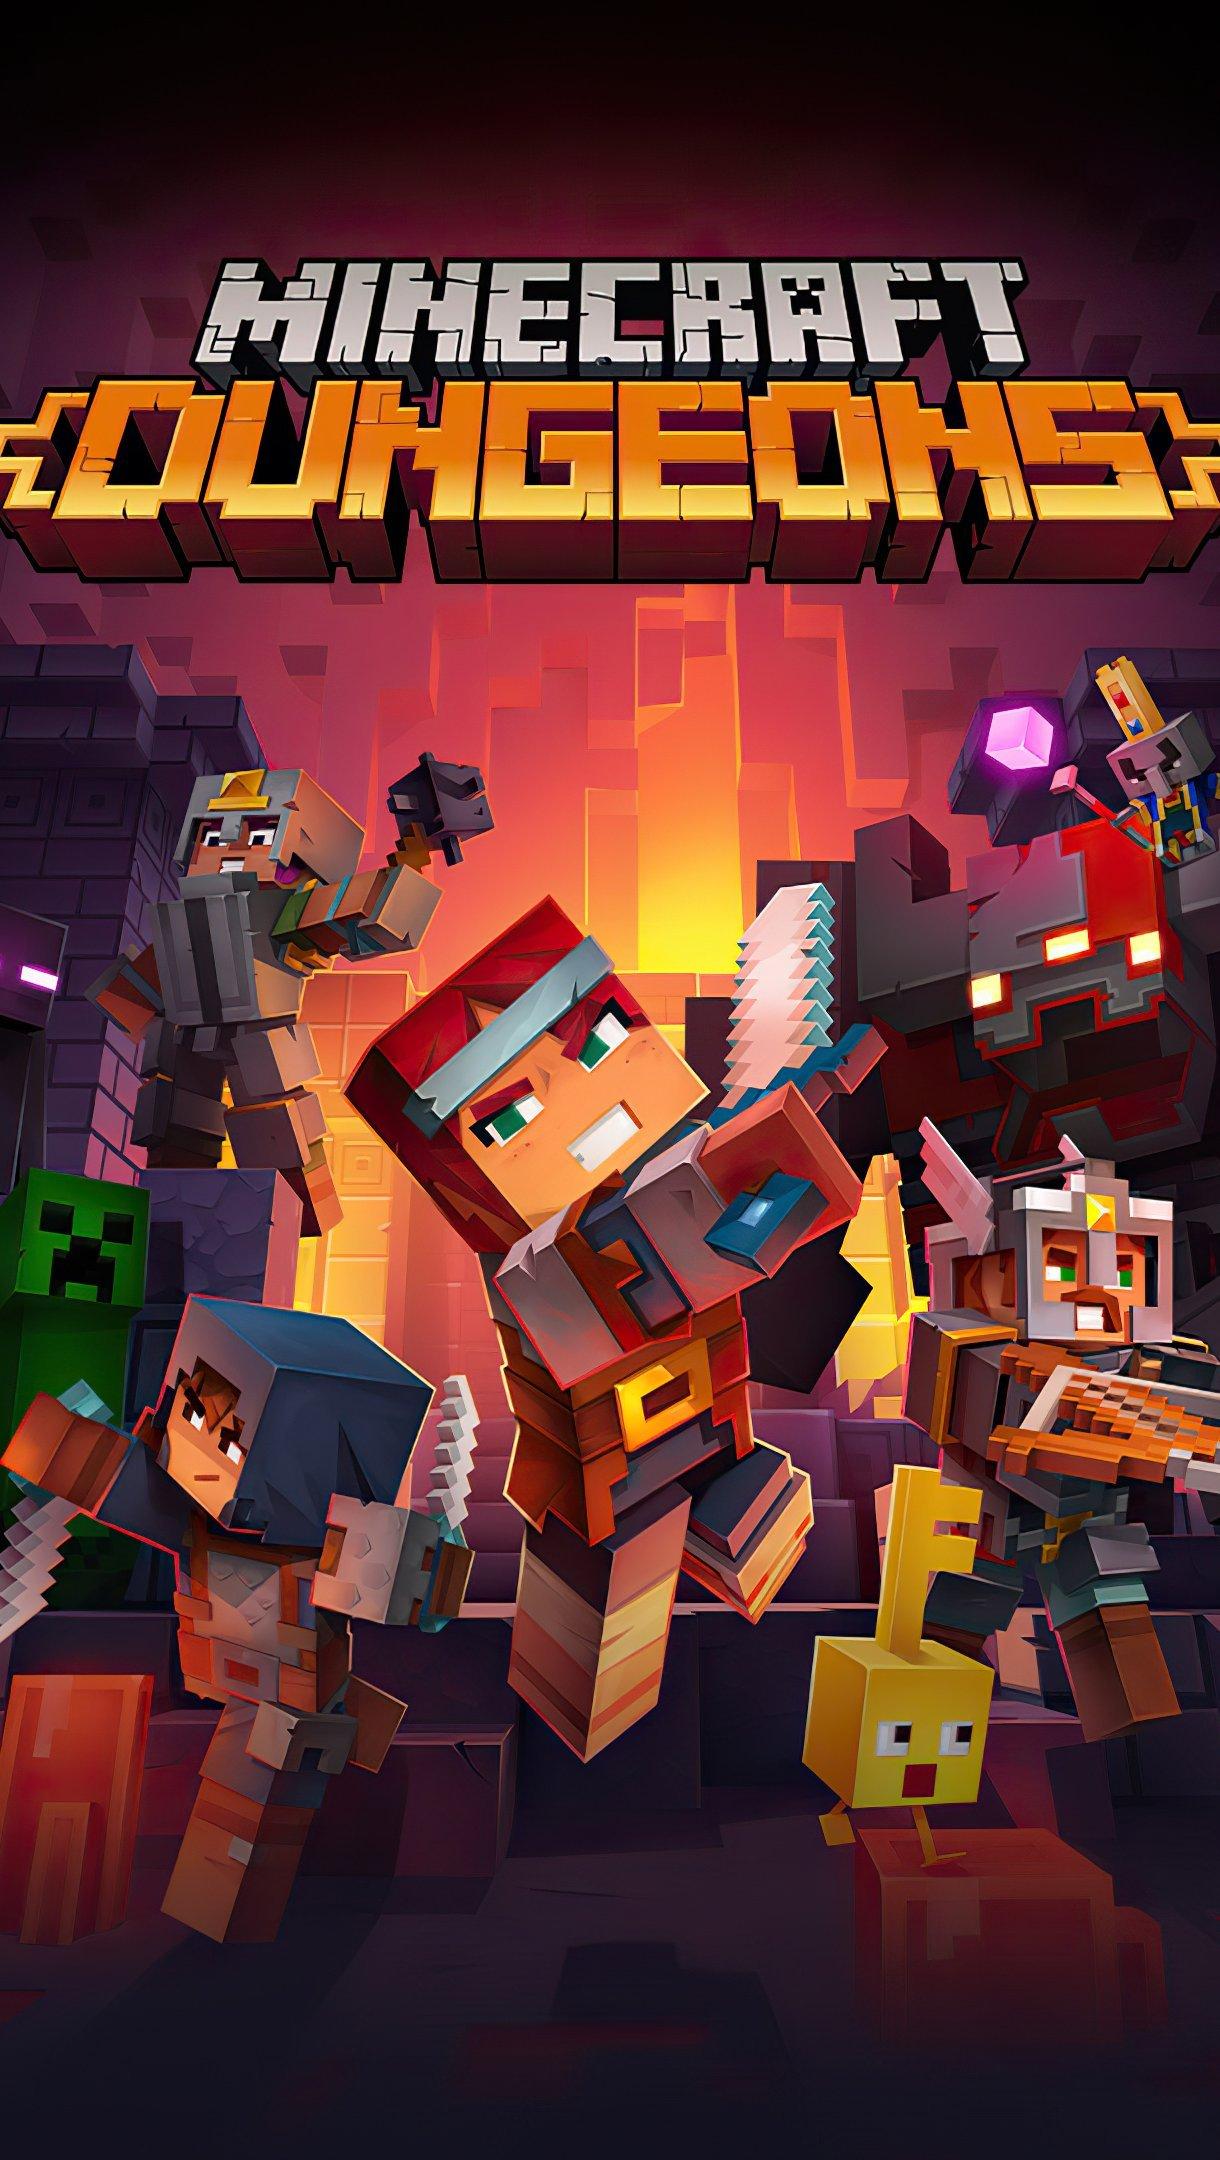 Fondos de pantalla Minecraft Dungeons Vertical